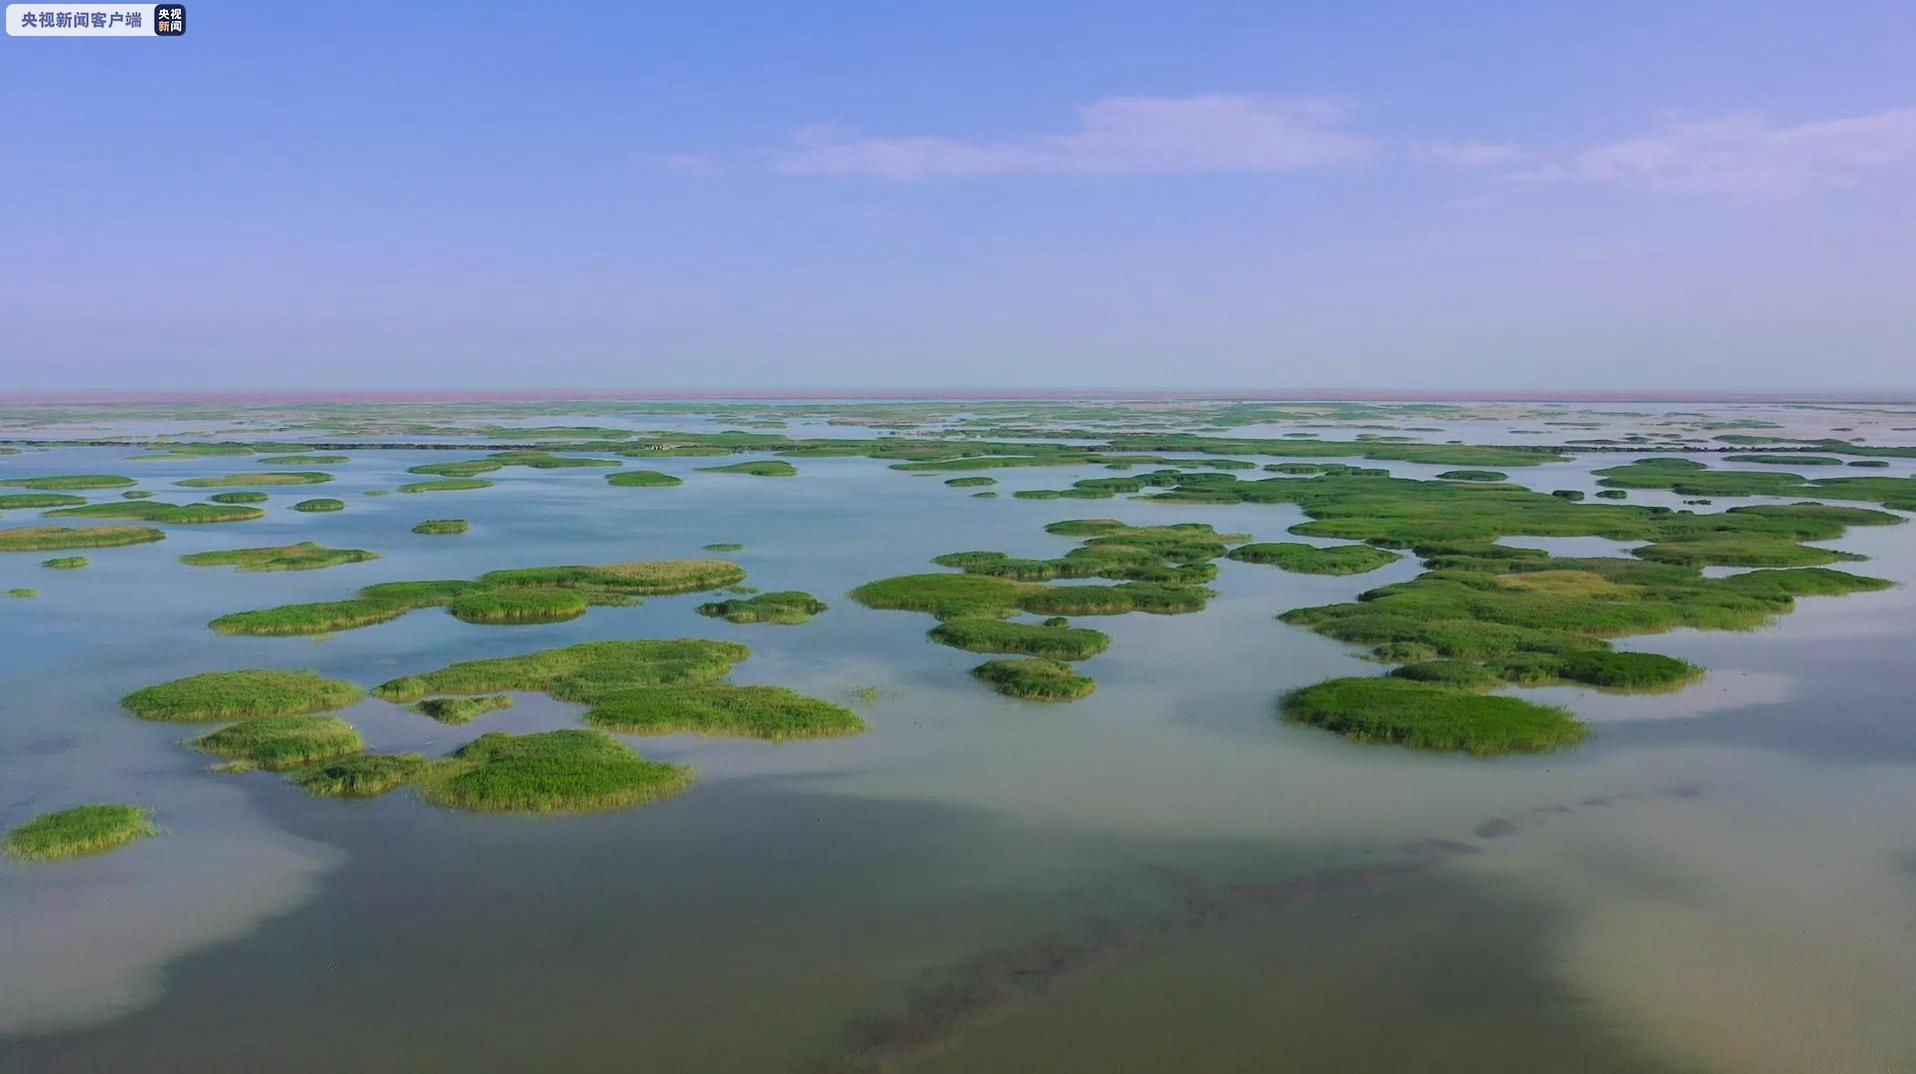 7月1日黄河下游进入主汛期黄河三角洲湿地生态补水将达5000万立方米